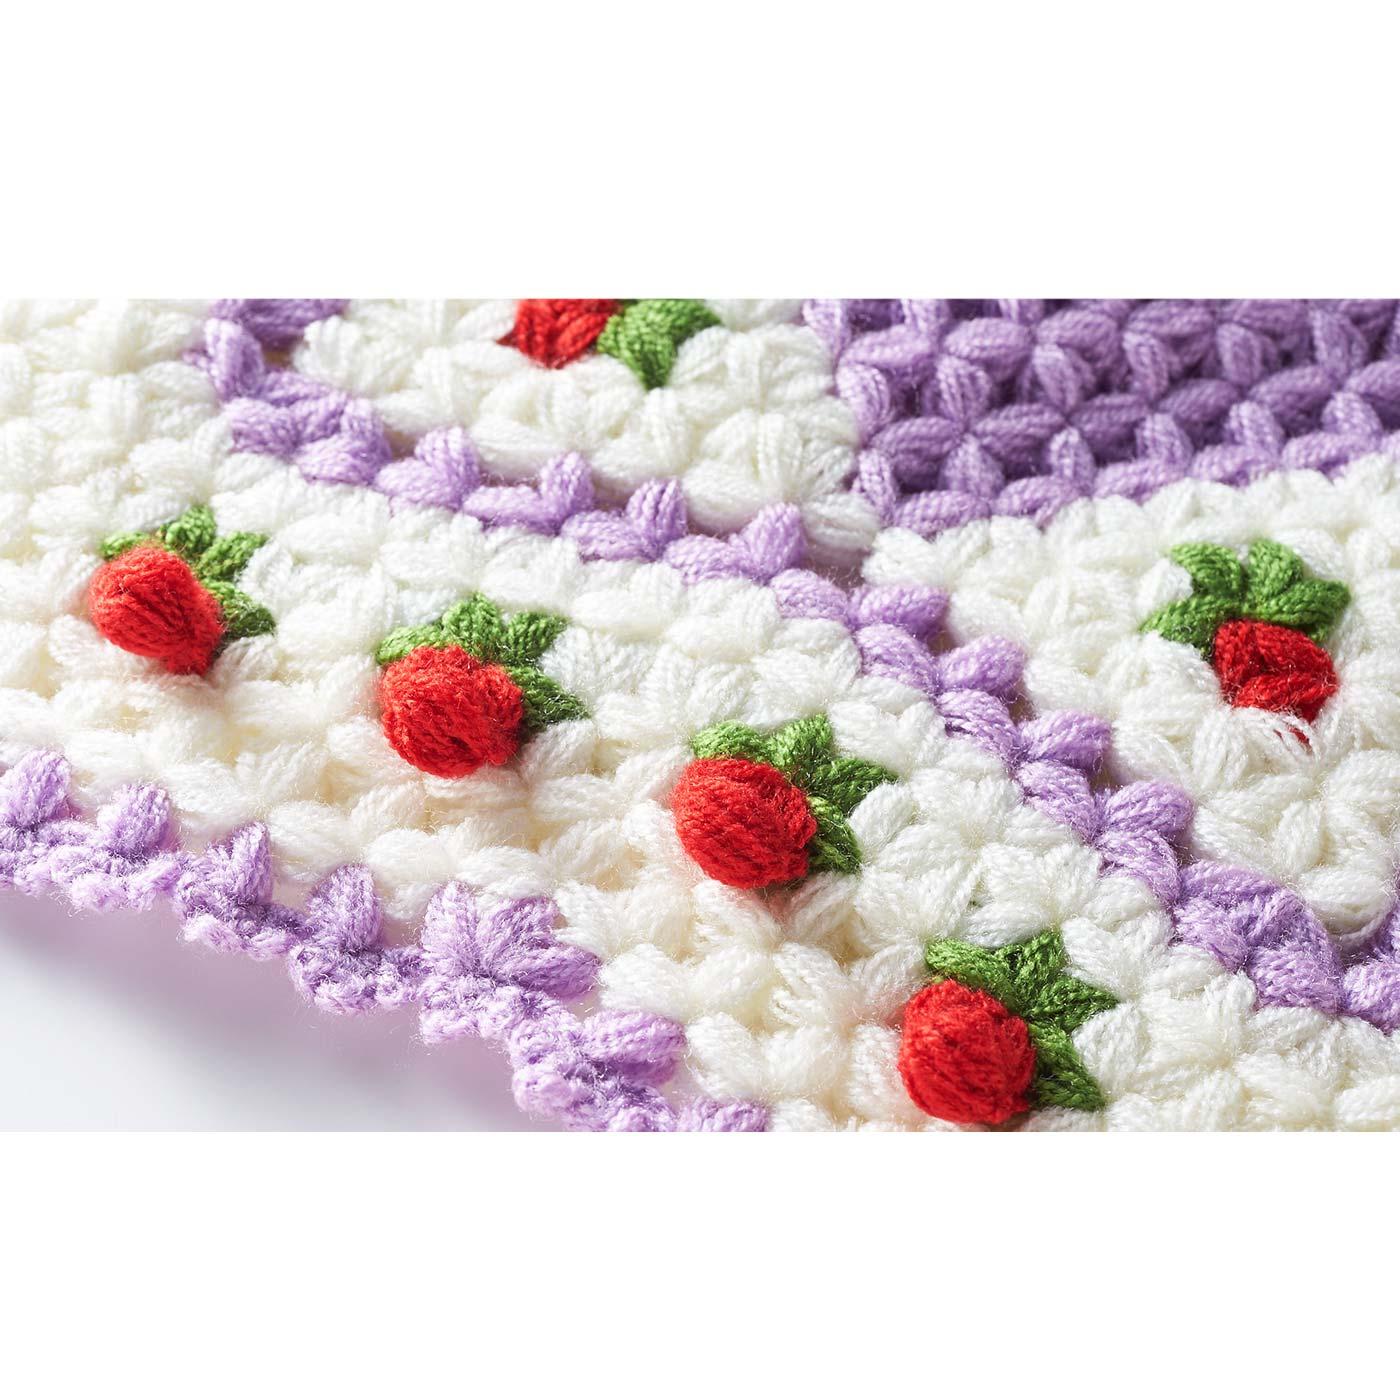 お花が立体になっているデザインも! あらかじめ2本どりになっている糸を使うので、ほどよい厚みがある仕上がりとなり、ふんわりとやさしい座り心地です。